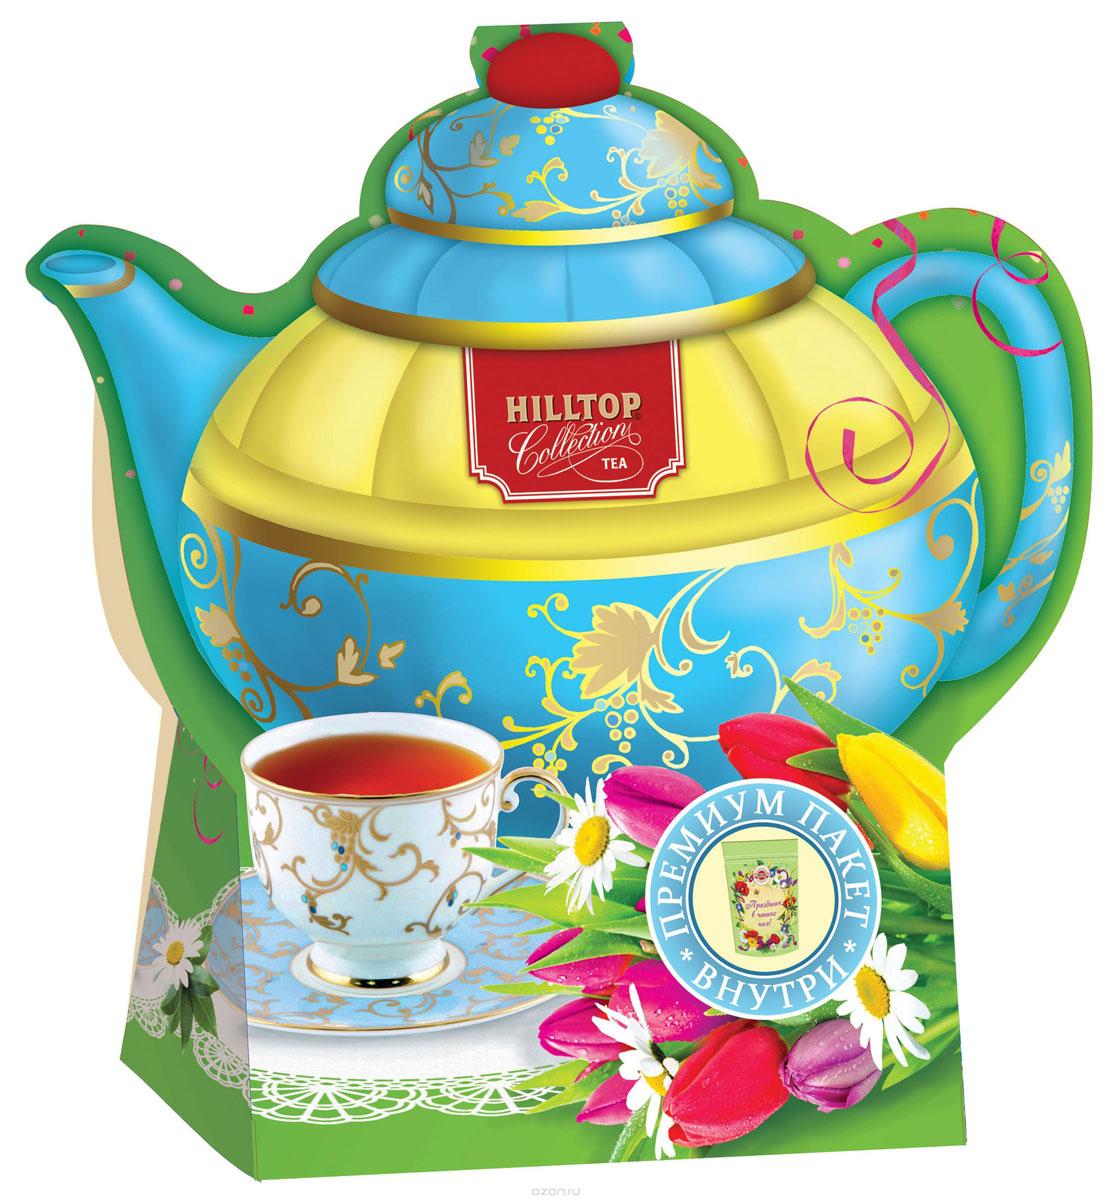 Hilltop Подарок Цейлона черный листовой чай, 80 г (чайник Тюльпаны)101246Крупнолистовой цейлонский черный чай Hilltop Подарок Цейлона с глубоким, насыщенным вкусом и изумительным ароматом. Благодаря красивой праздничной упаковке вы можете подарить этот прекрасный чай своим друзьям и близким.